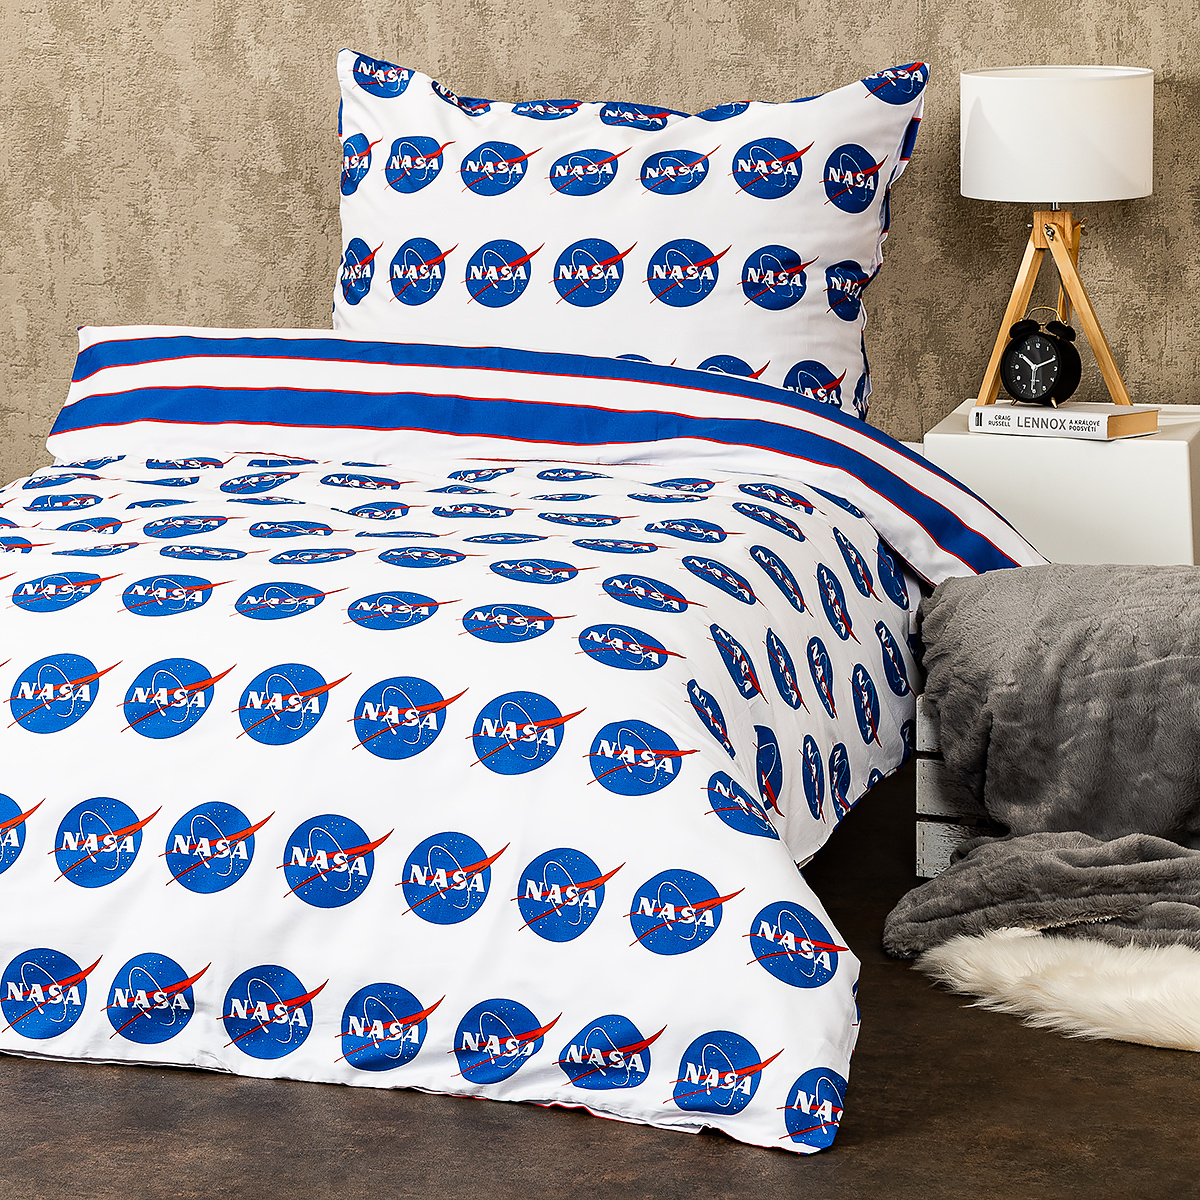 Tiptrade Saténové obliečky NASA, 220 x 200 cm, 2 ks 70 x 90 cm, 220 x 200 cm, 2 ks 70 x 90 cm